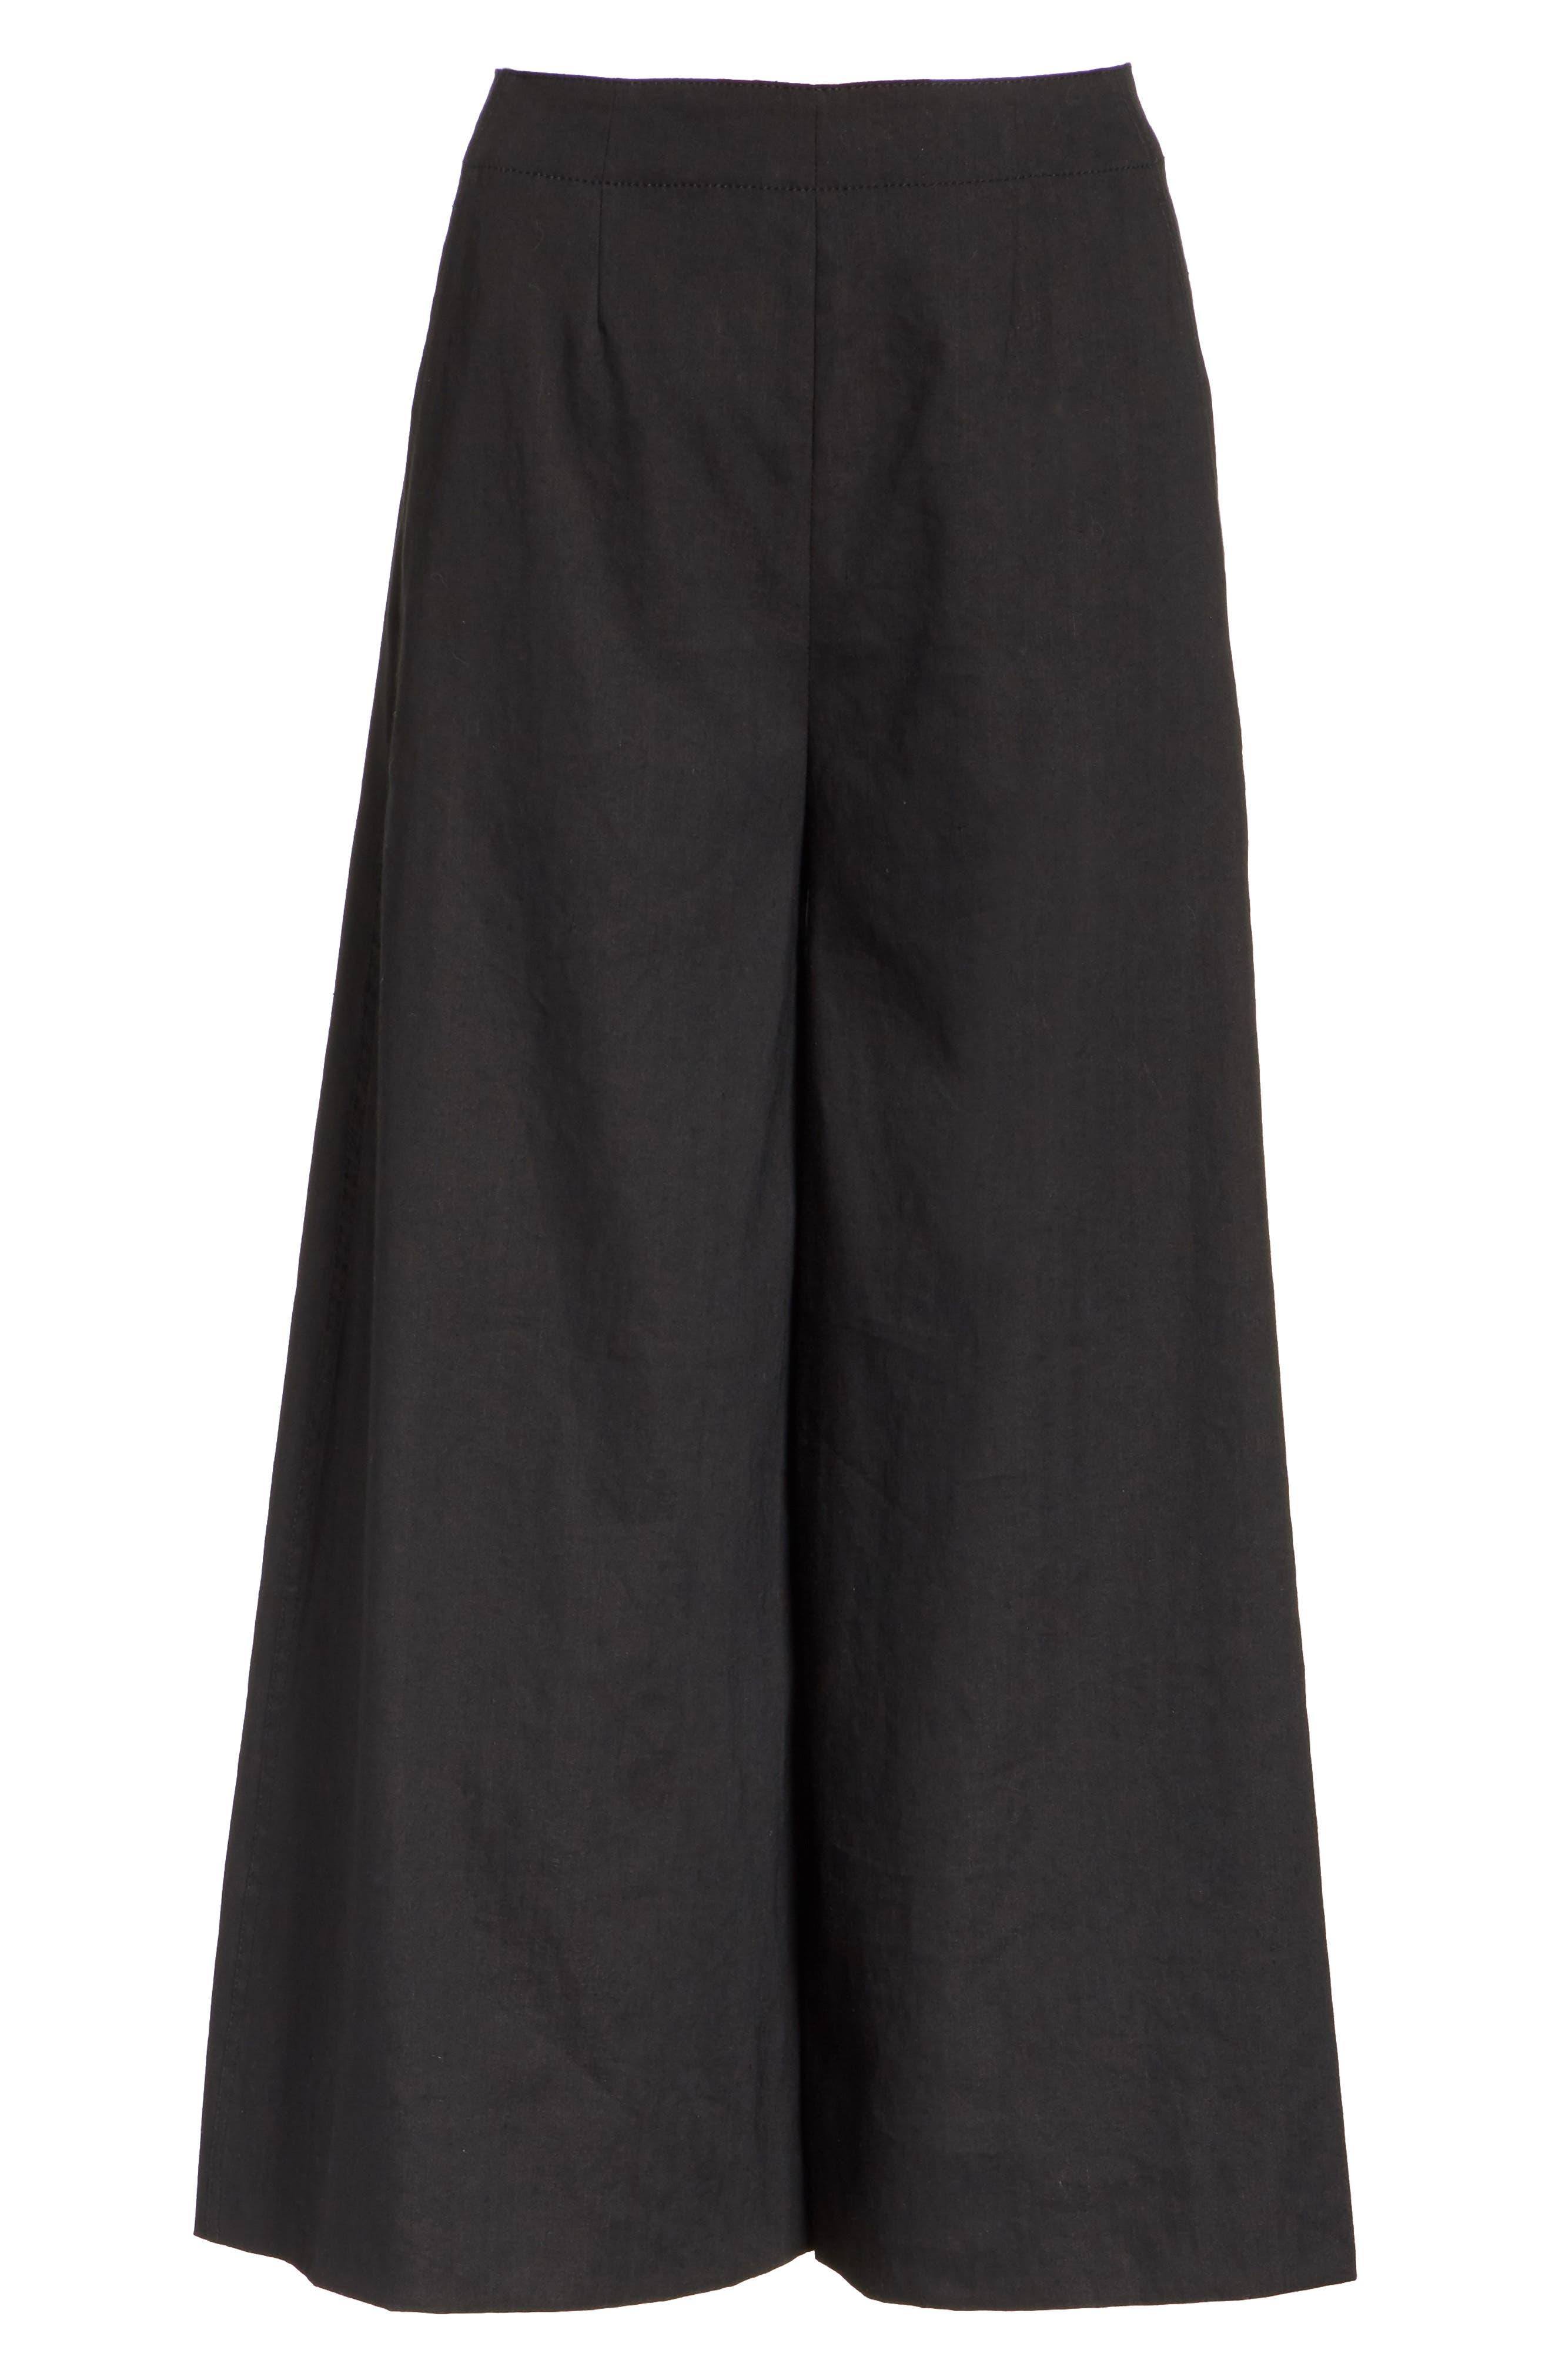 High Rise Linen Blend Culottes,                             Alternate thumbnail 6, color,                             001